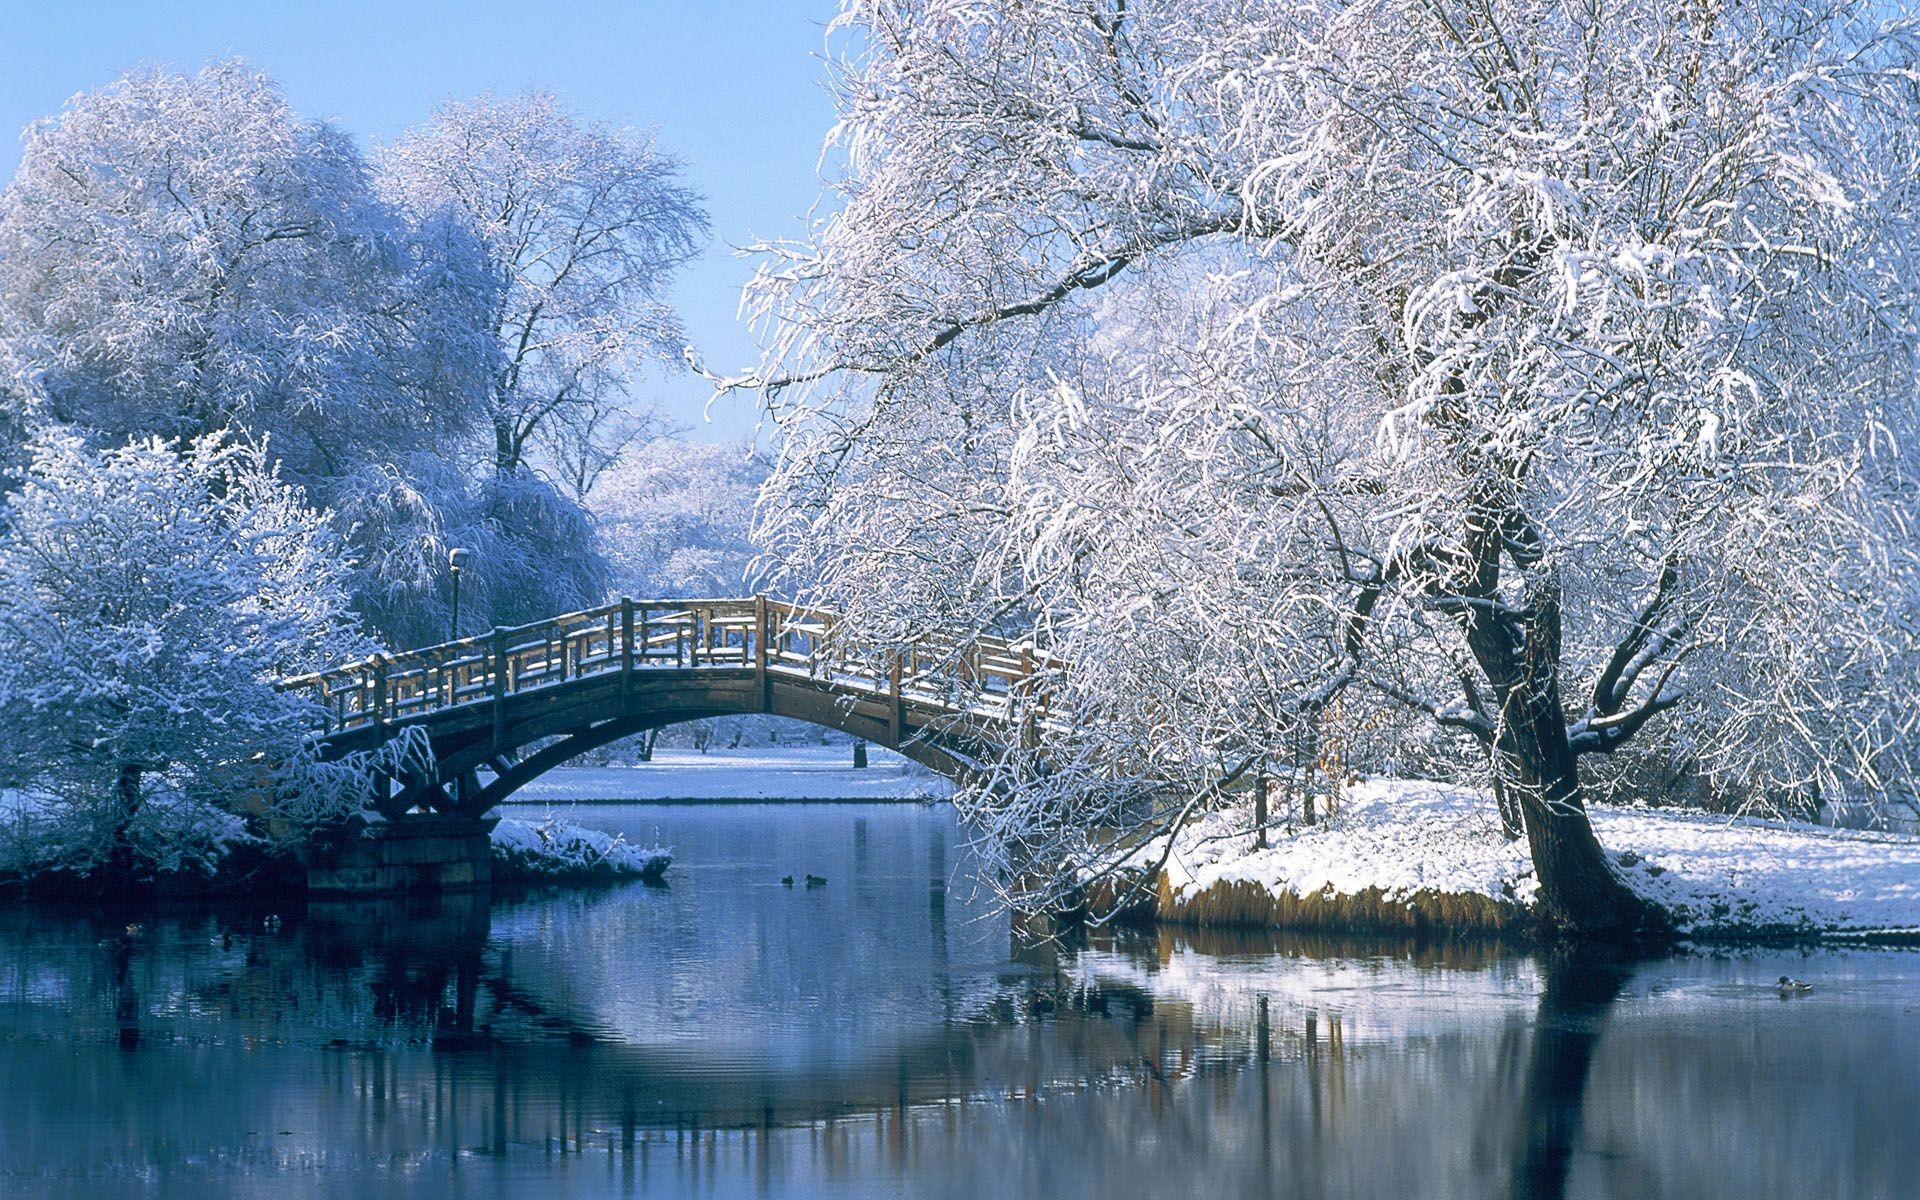 … winter images for desktop 1 …